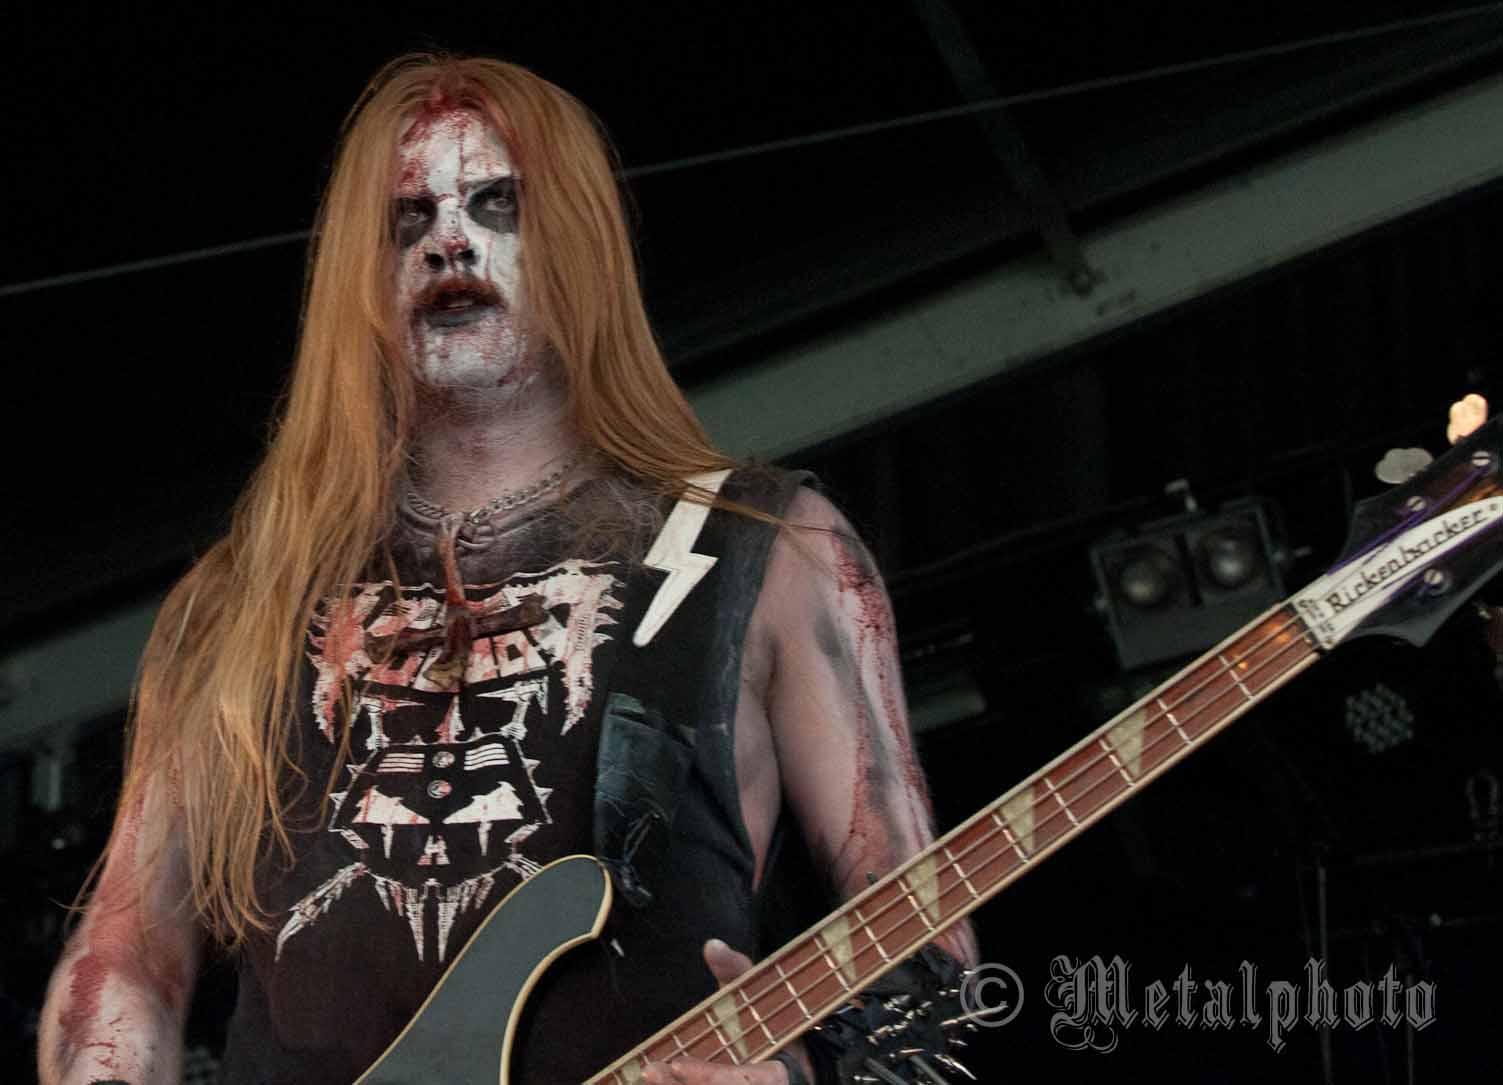 http://metalphoto.org/images/metalbands/black/urgehal_2011/photos/Urgehal_5461.jpg